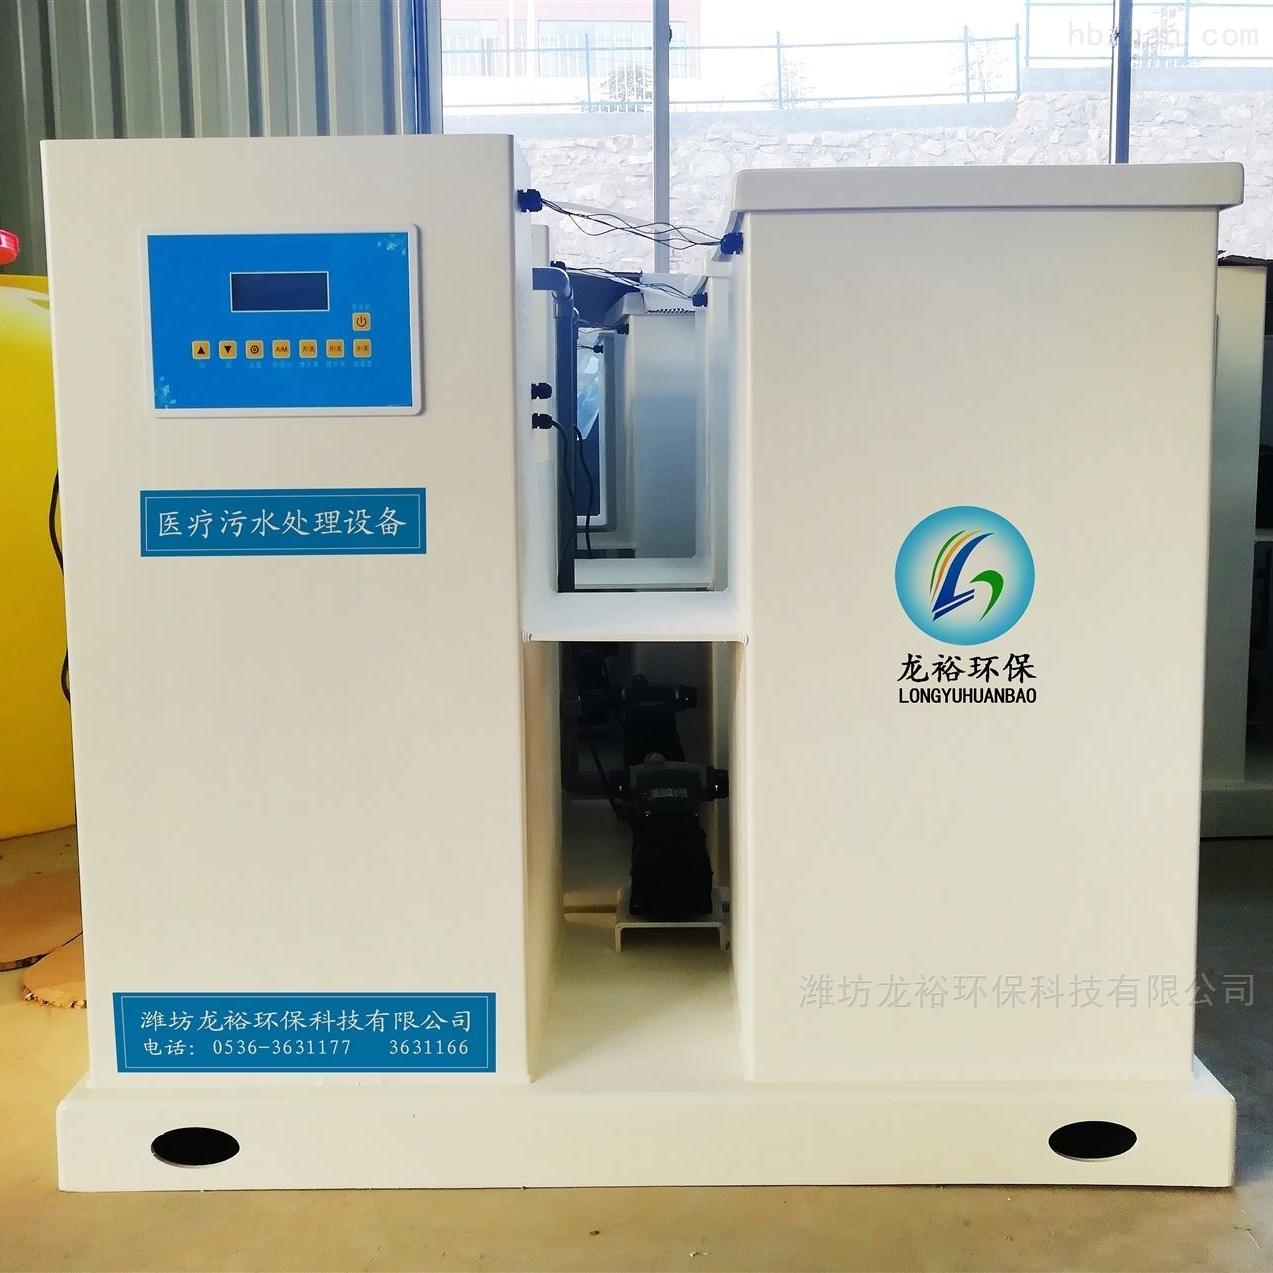 湖南门诊诊所污水处理设备